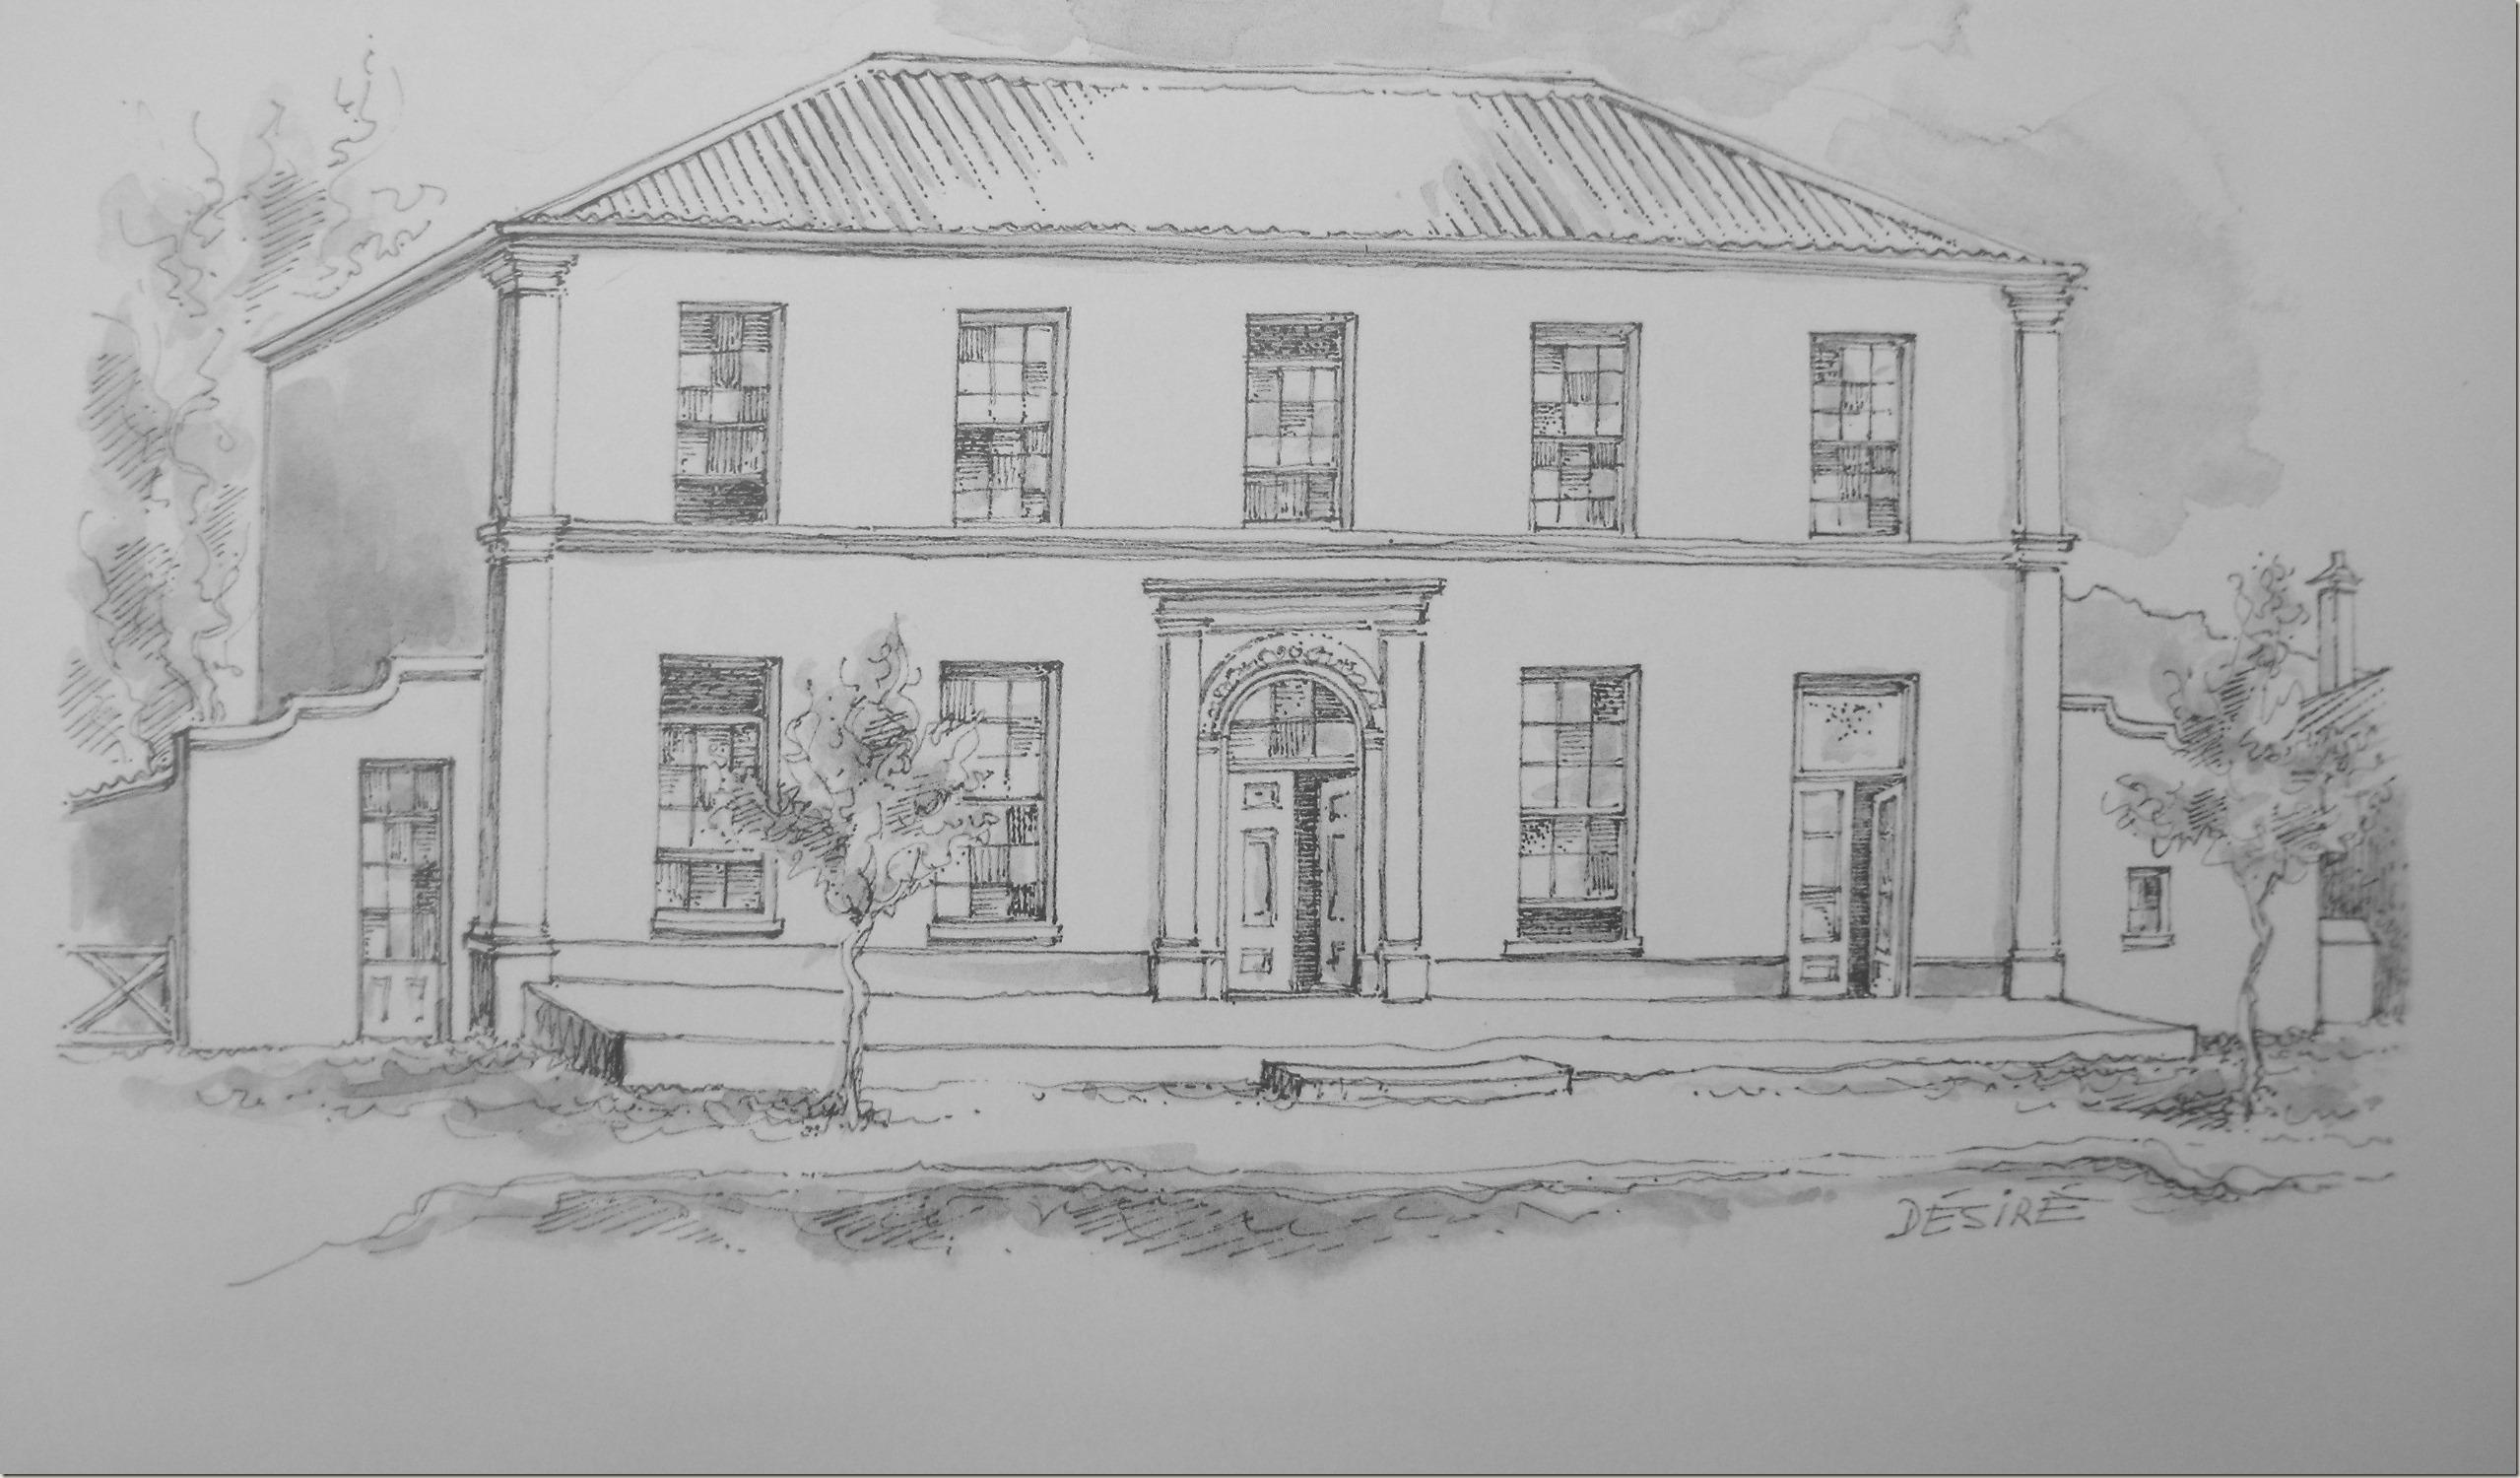 Huis Gideon Malherbe - huisves nou die Afrikaanse Taalmuseum -  Desiree Picton-Seymour